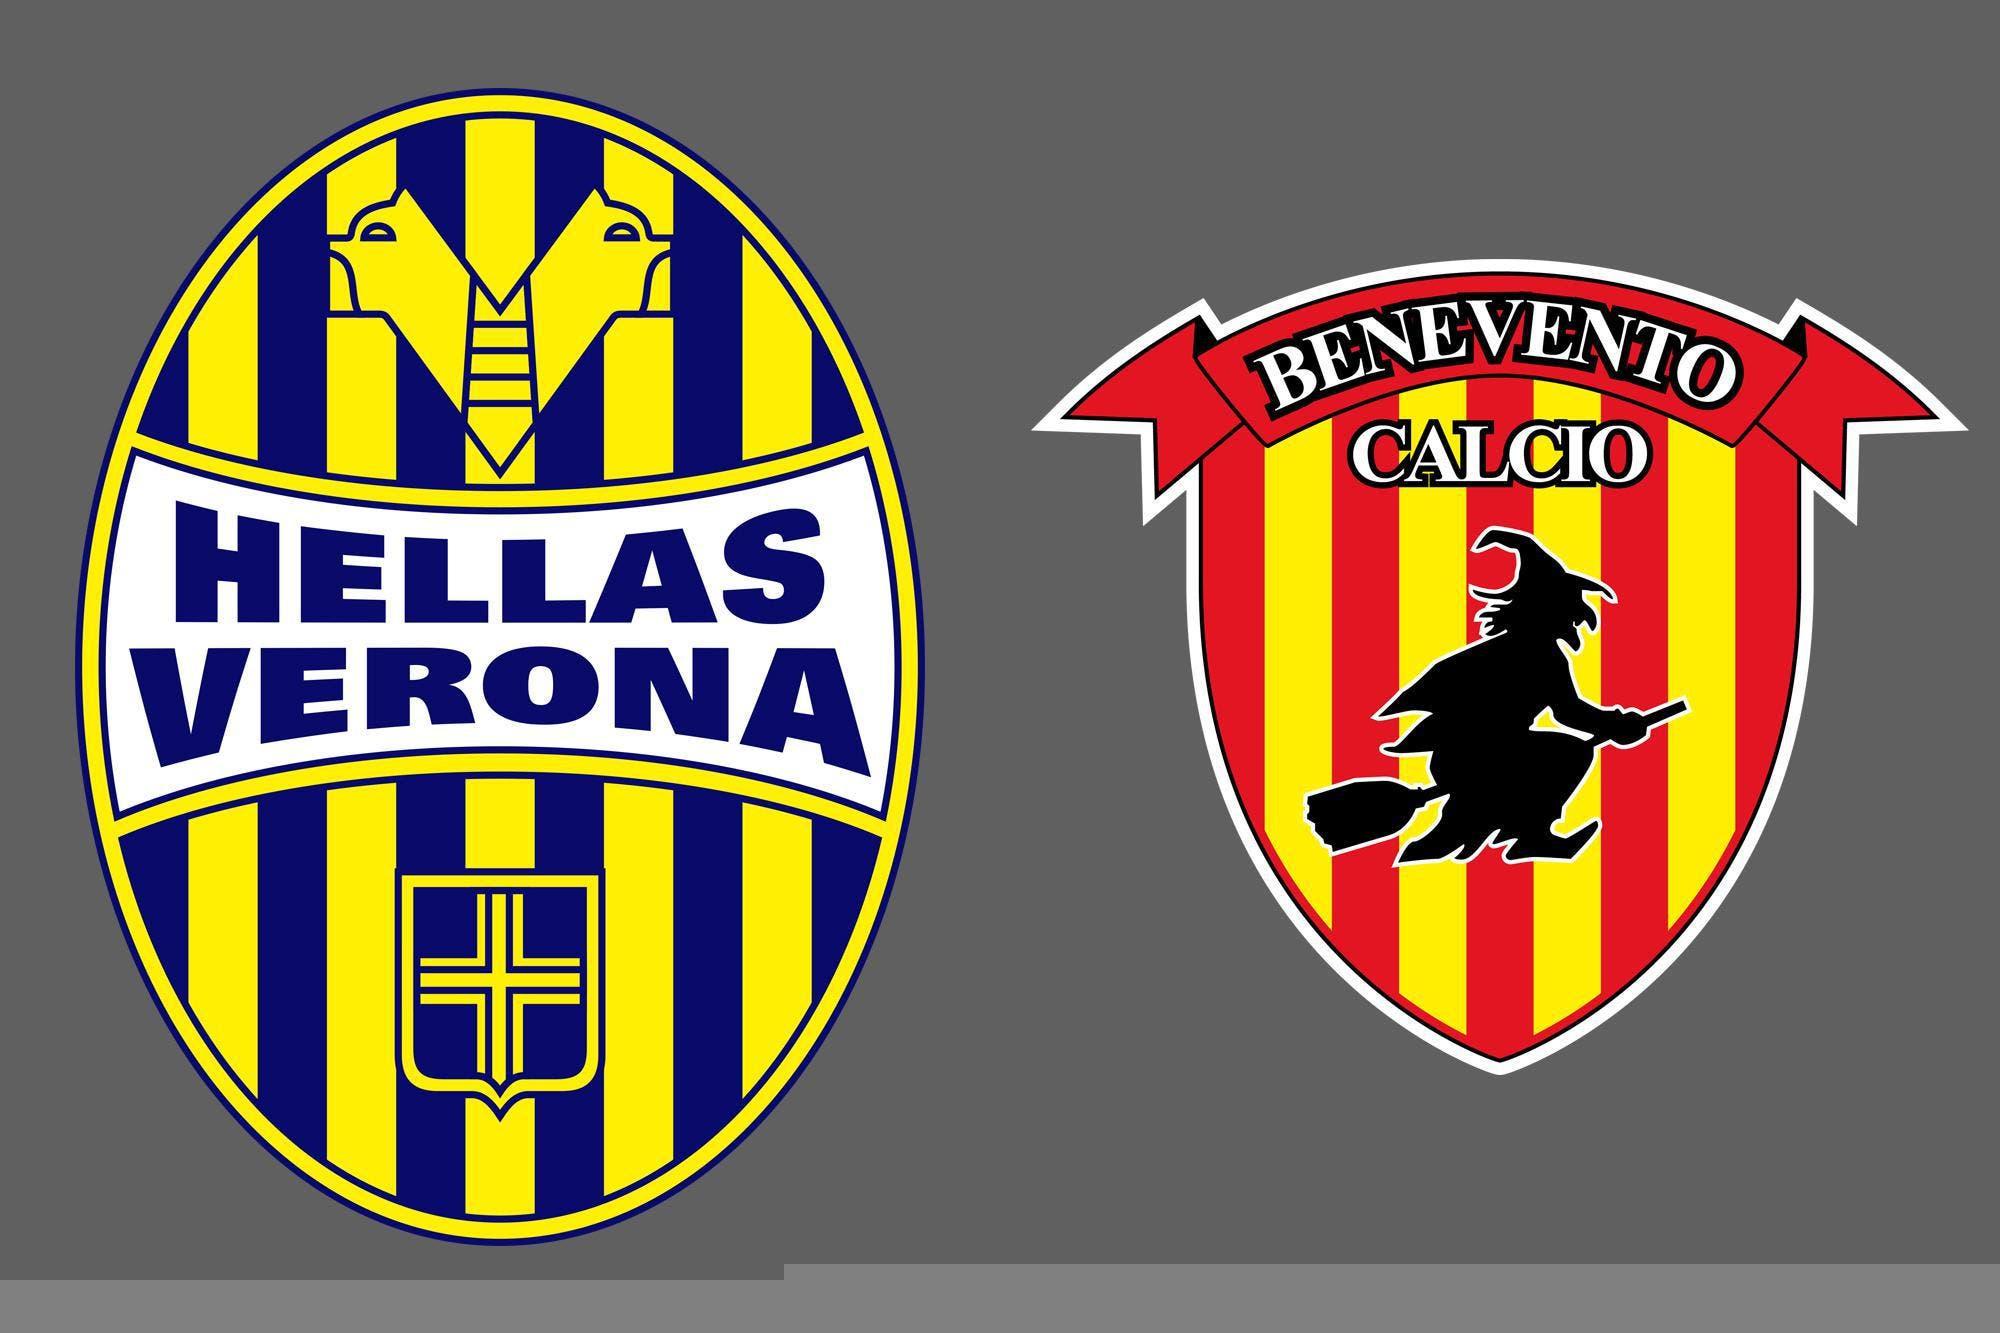 Serie A de Italia: Verona venció por 3-1 a Benevento como local